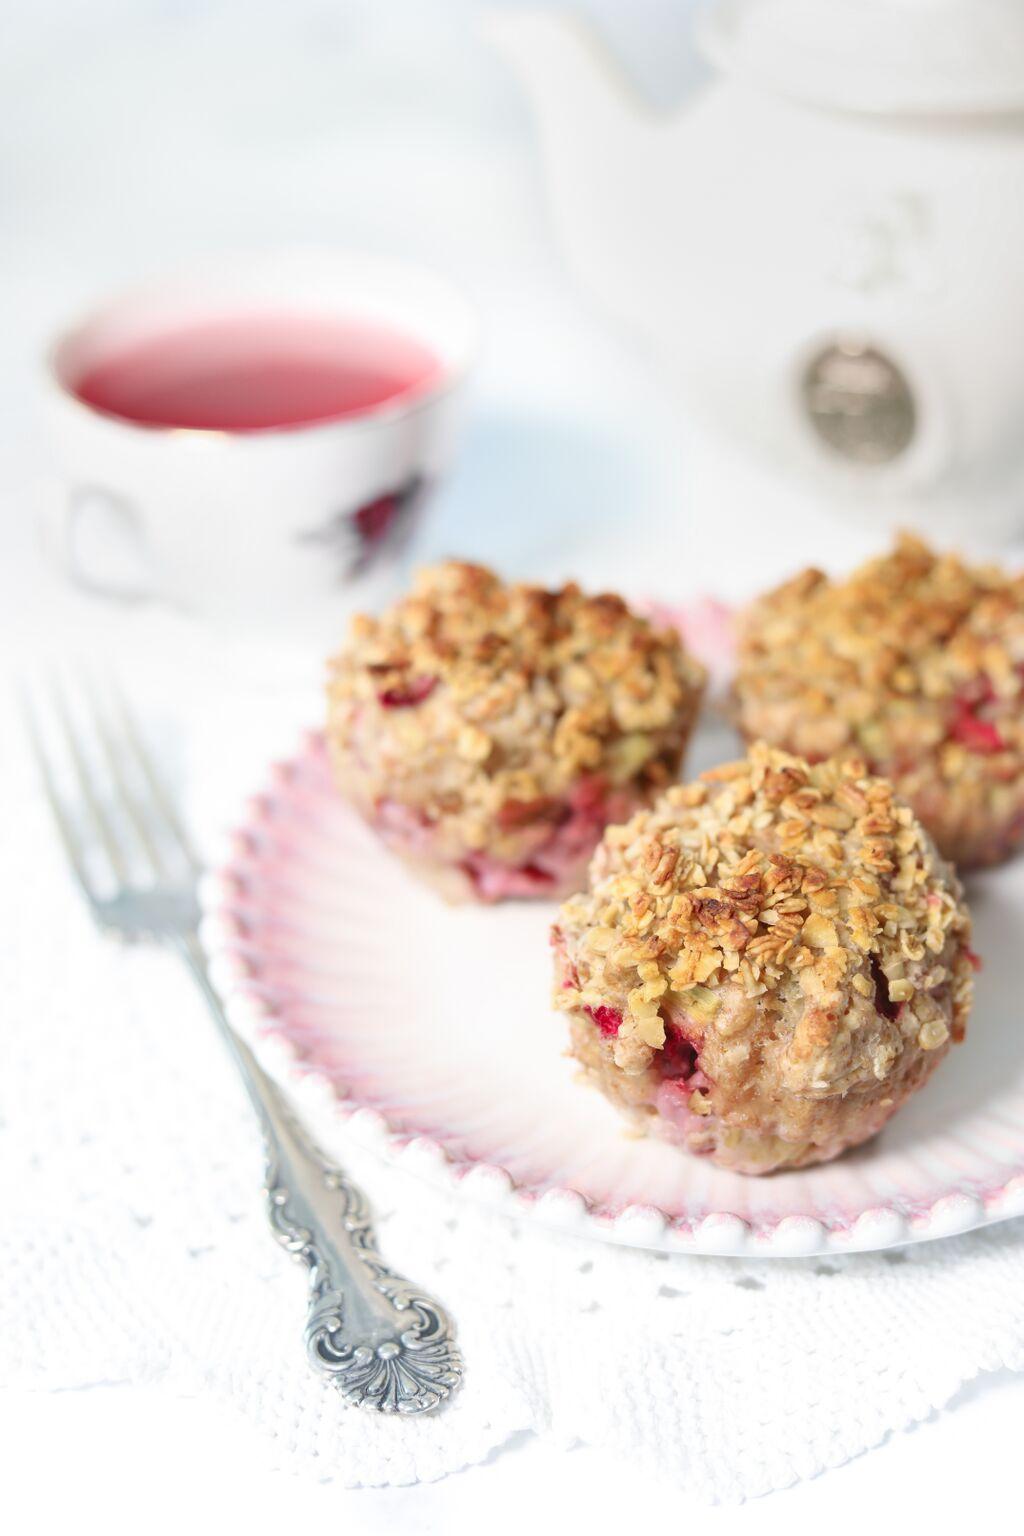 Muffins véganes aux fraises et à la rhubarbe Photographie culinaire : Hubert Cormier Stylisme culinaire : Hubert Cormier